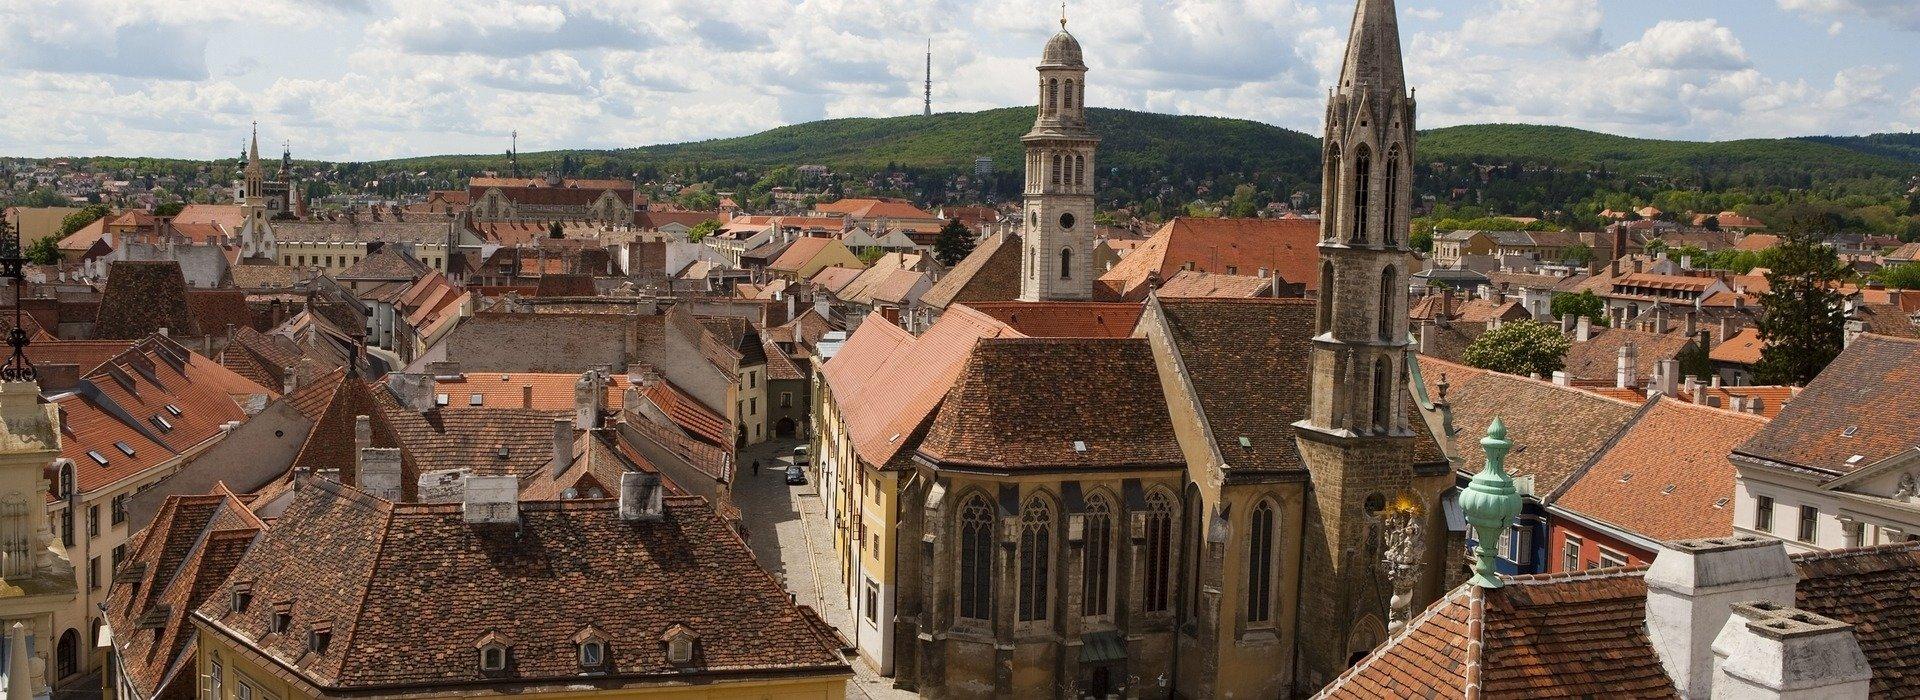 Evangélikus templom és az Országos Evangélikus Múzeum Soproni Gyűjteménye